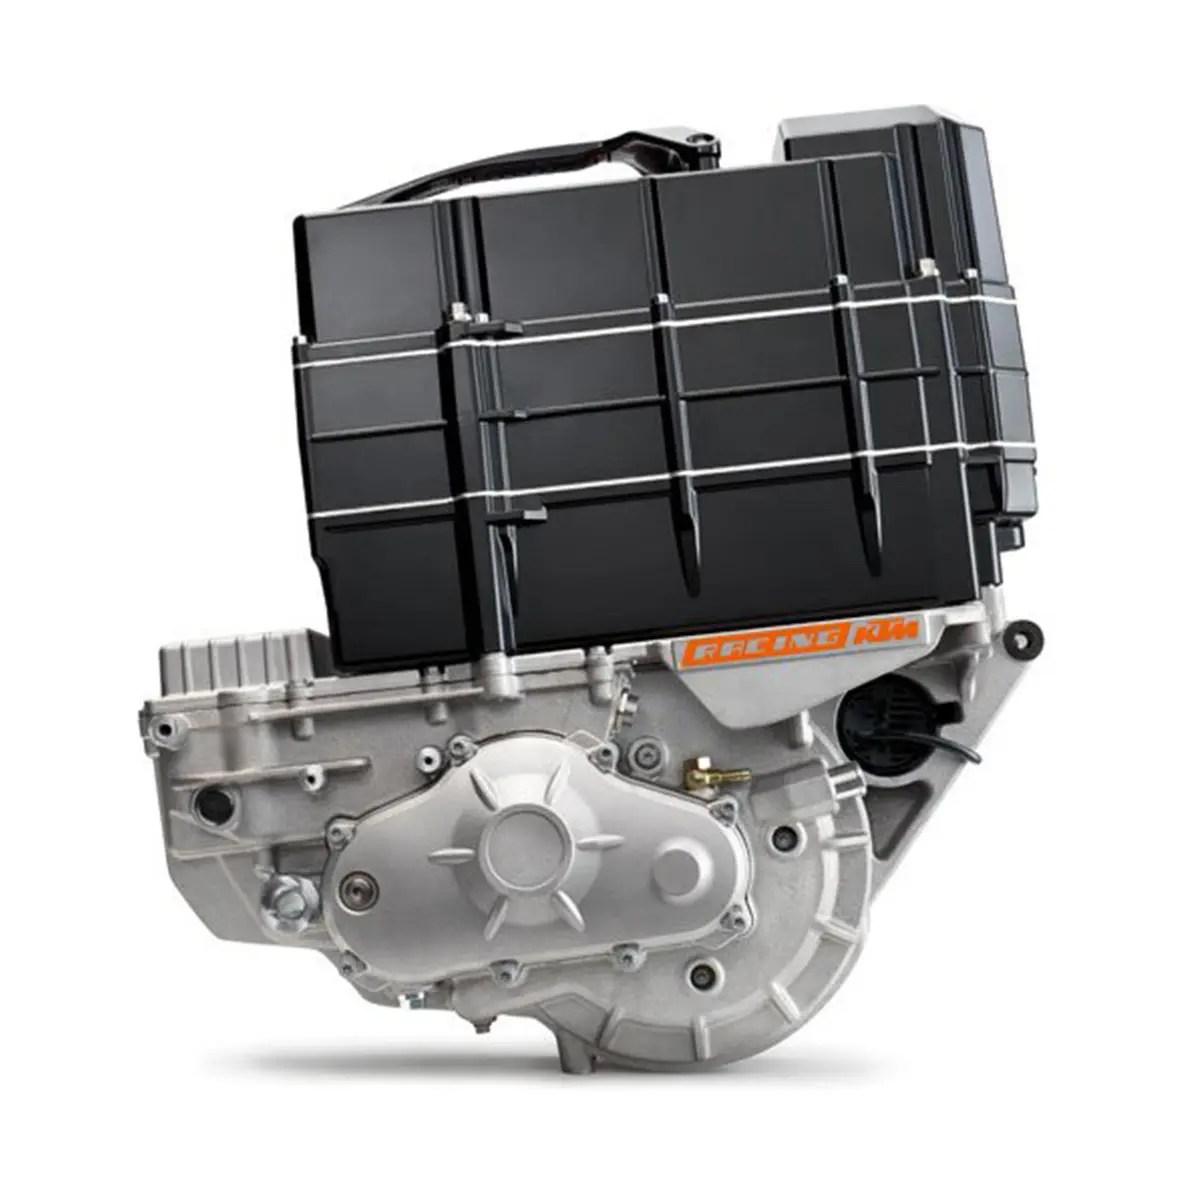 MOTEUR-ENTRAINEMENT-KTM-FREERIDE-E-XC-2020